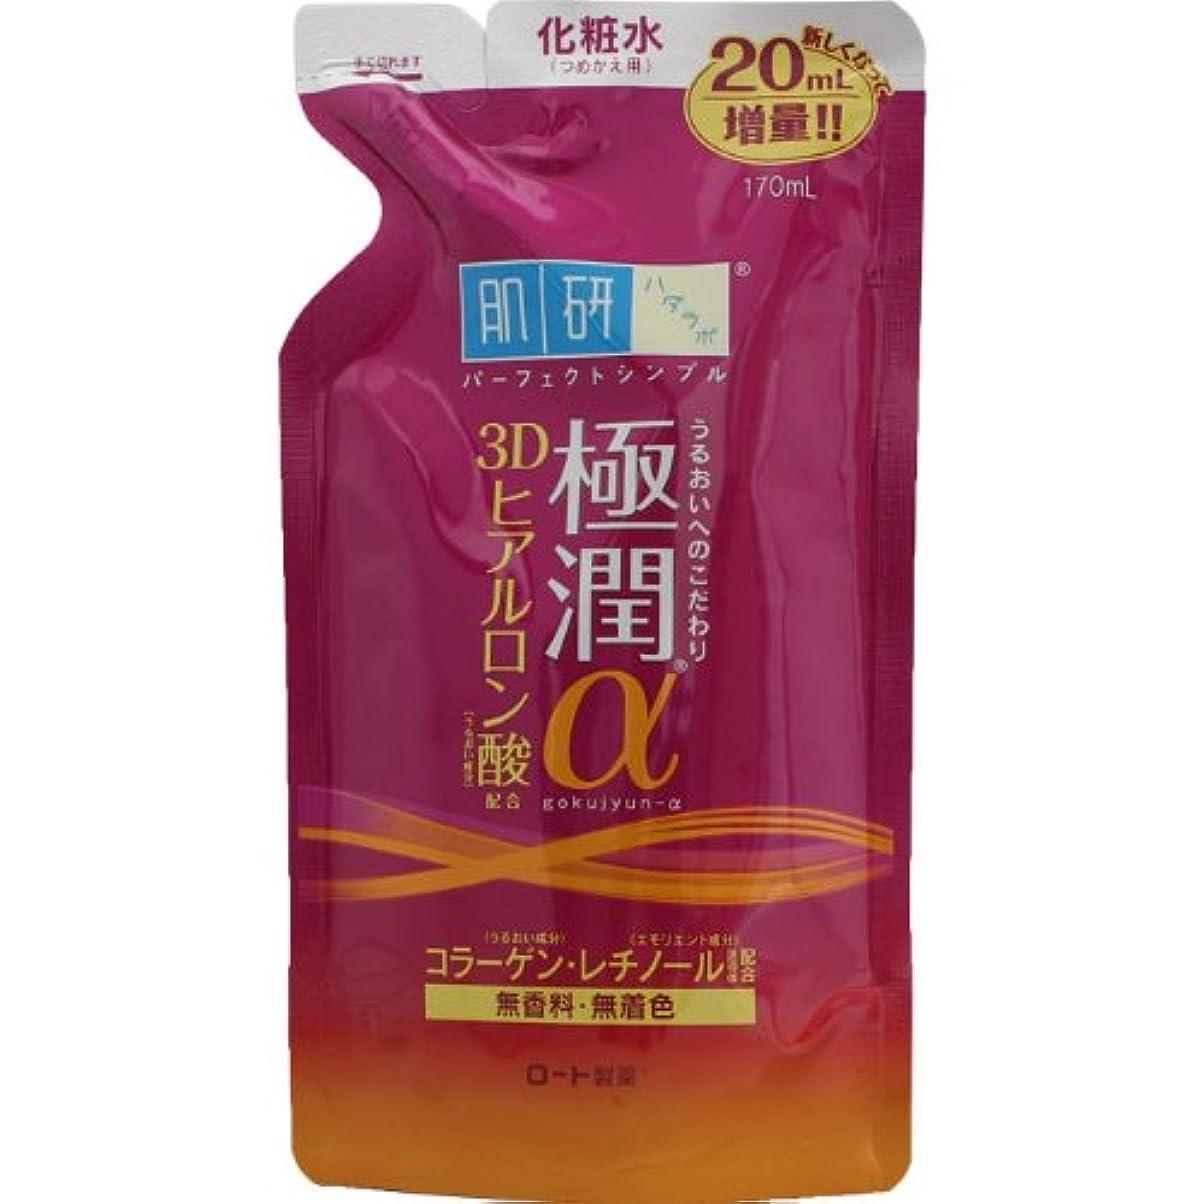 酔ったジュニア苦肌研(ハダラボ) 極潤 α化粧水 (つめかえ用) 170mL